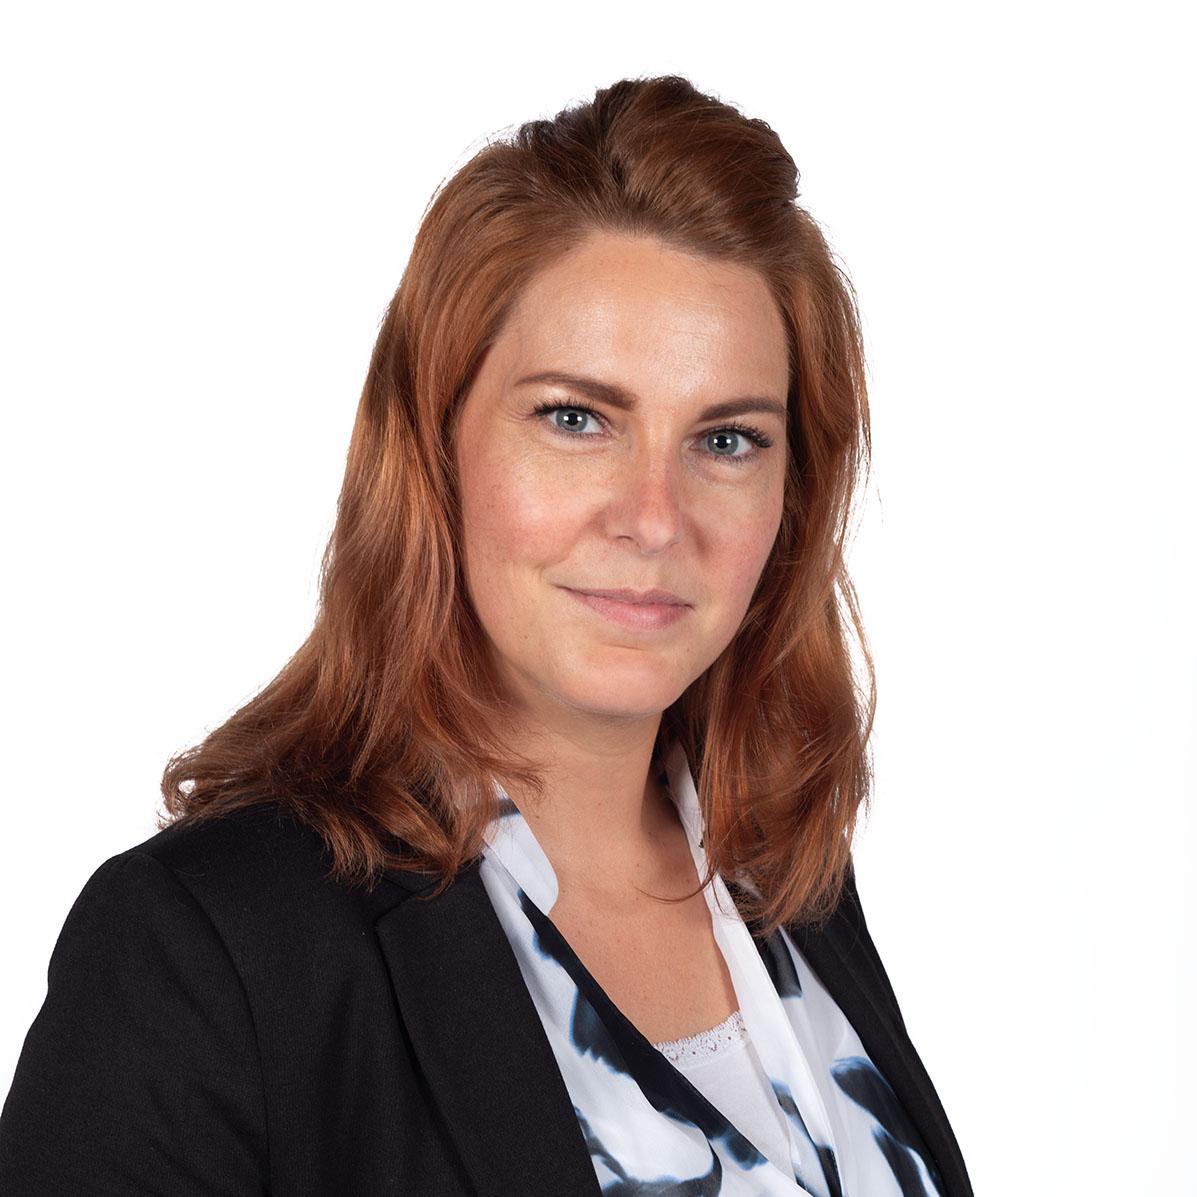 Roxanne van Waasdijk